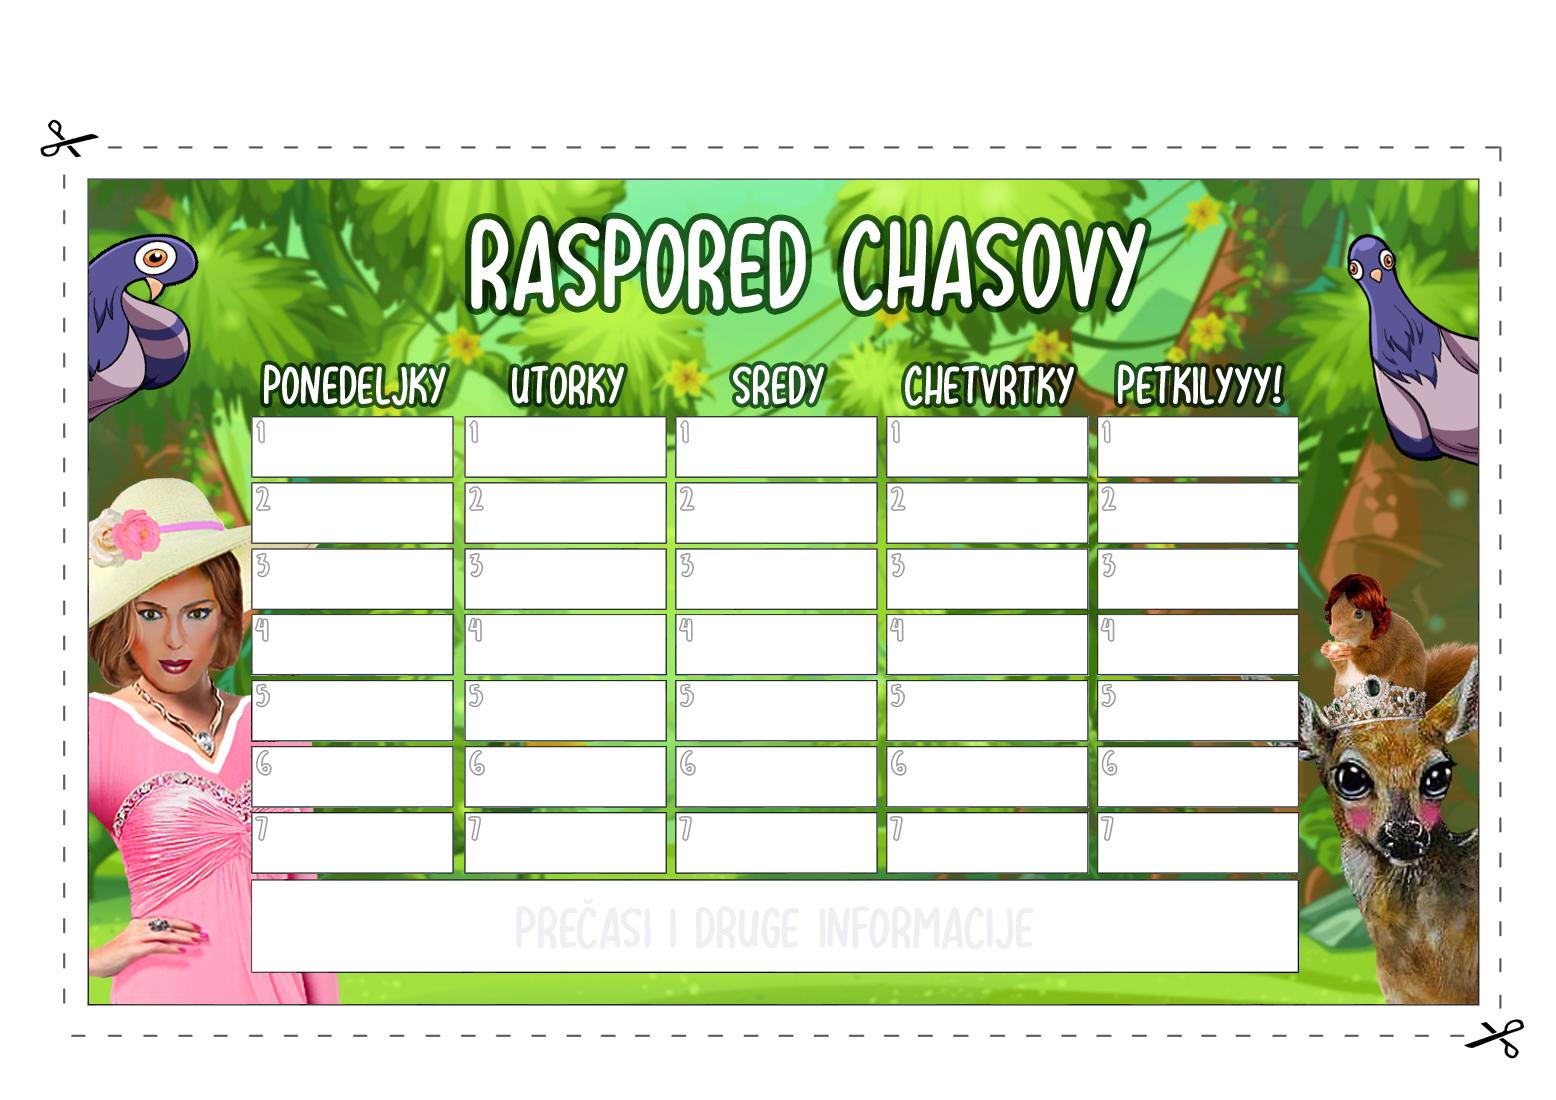 Raspored-casova-2021